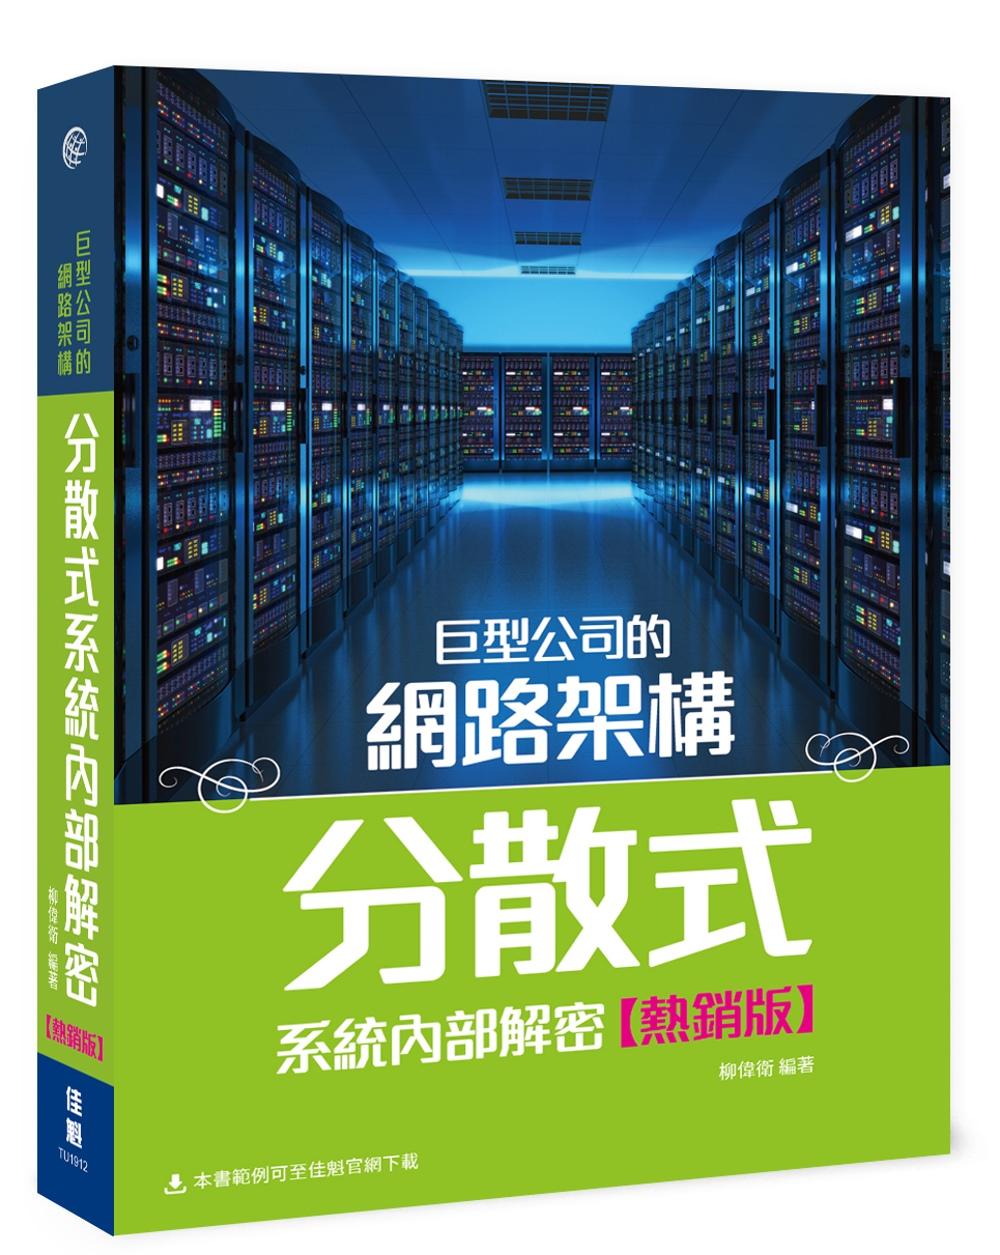 巨型公司的網路架構:分散式系統...